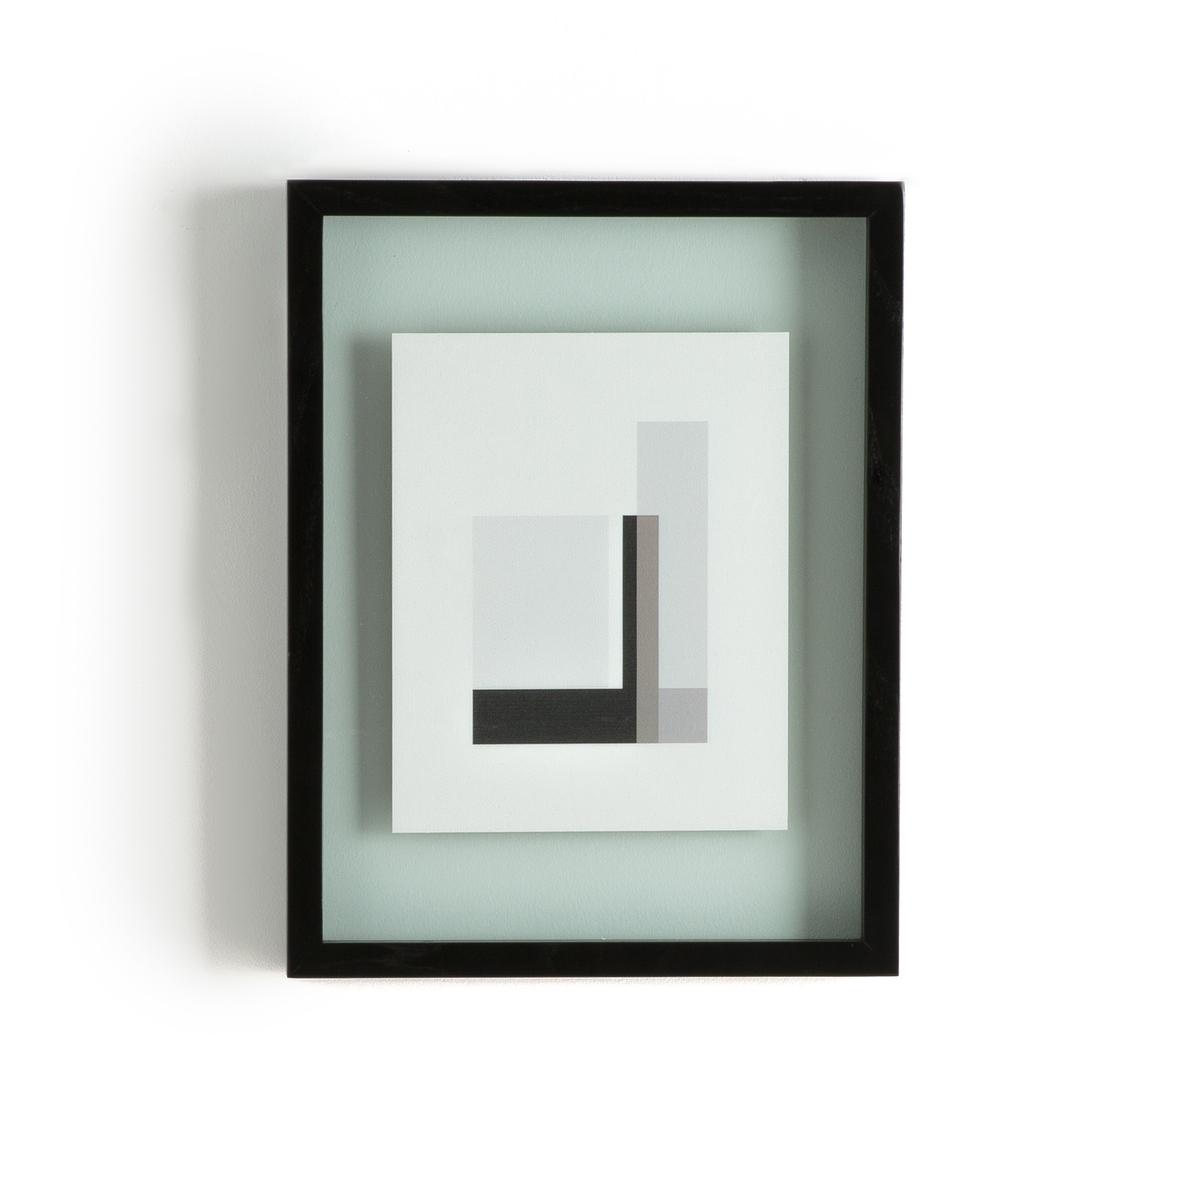 Рамка 3D DidaraРамка 3D Didara. Красивая и оригинальная рамка с двойным стеклом идеальна для размещения Ваших фотографий или растений..... Характеристики : Рамка из ясеня с черным покрытием .Двойное стекло : толщина 1,2 см.Размеры : - 34 x 44 см<br><br>Цвет: черный<br>Размер: единый размер